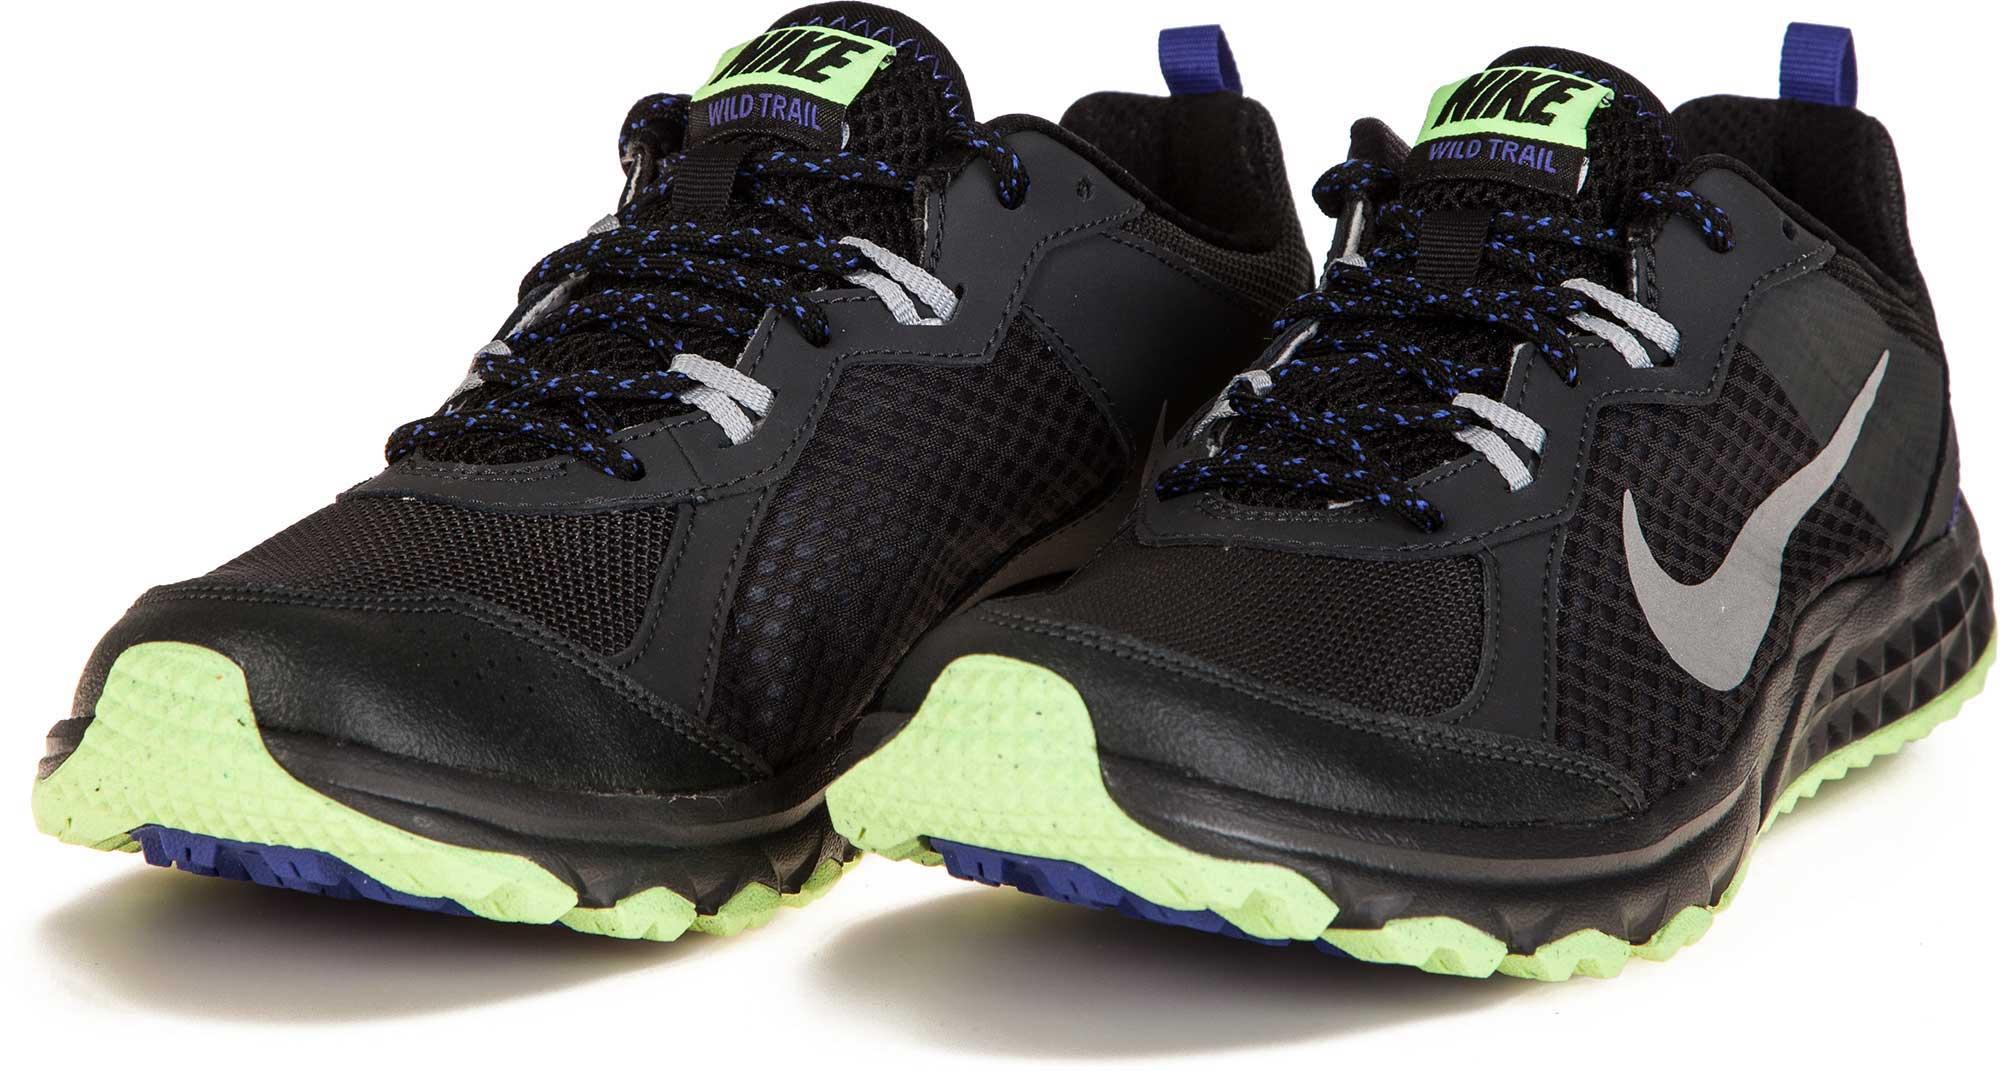 newest b6dc6 ba19d Nike WILD TRAIL | sportisimo.com